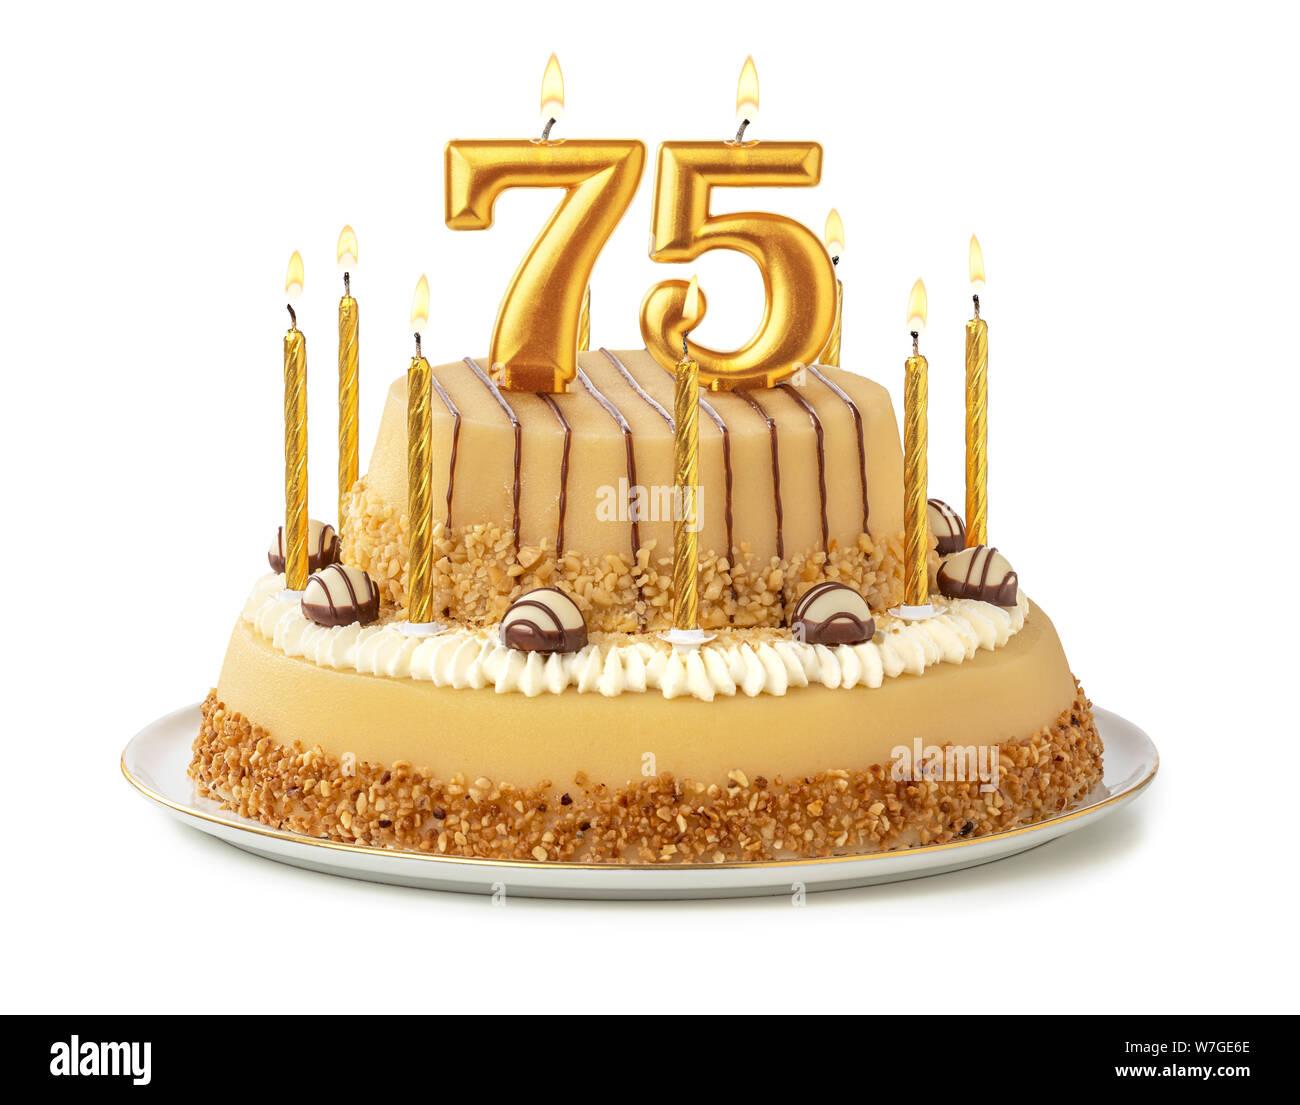 Astounding 75Th Birthday Cake Stock Photos 75Th Birthday Cake Stock Images Funny Birthday Cards Online Elaedamsfinfo